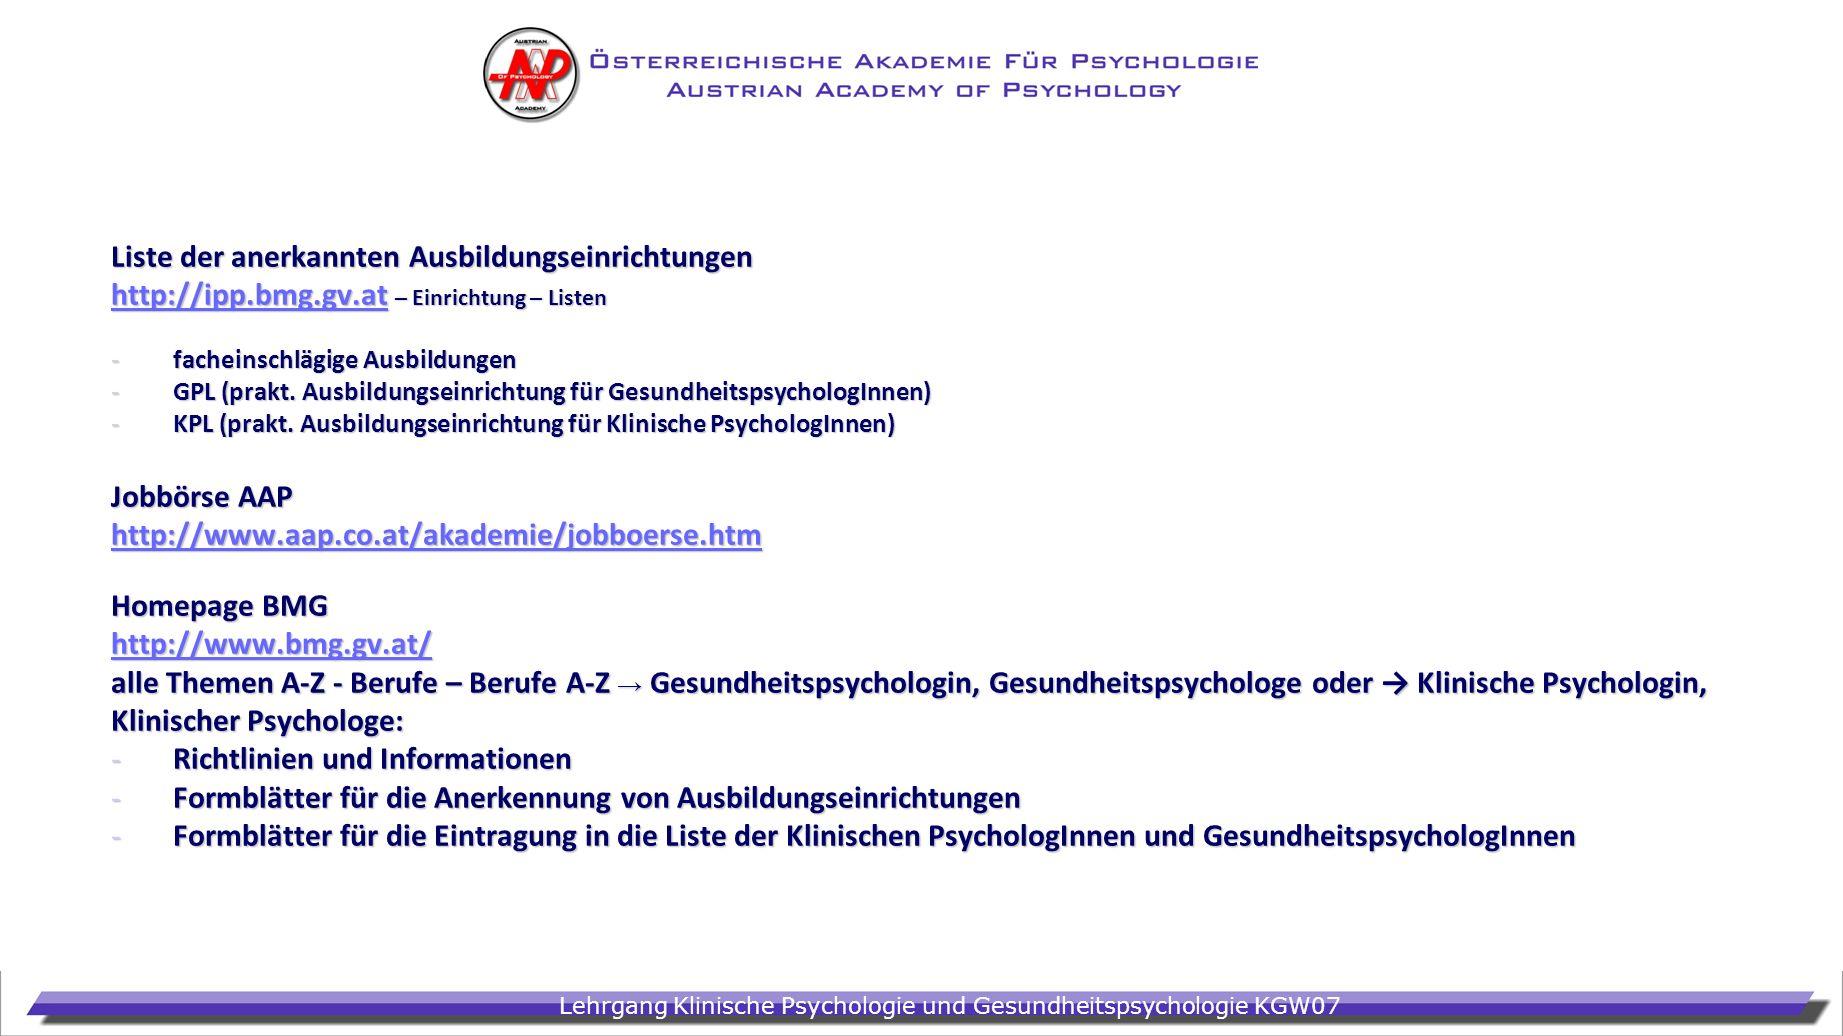 Liste der anerkannten Ausbildungseinrichtungen